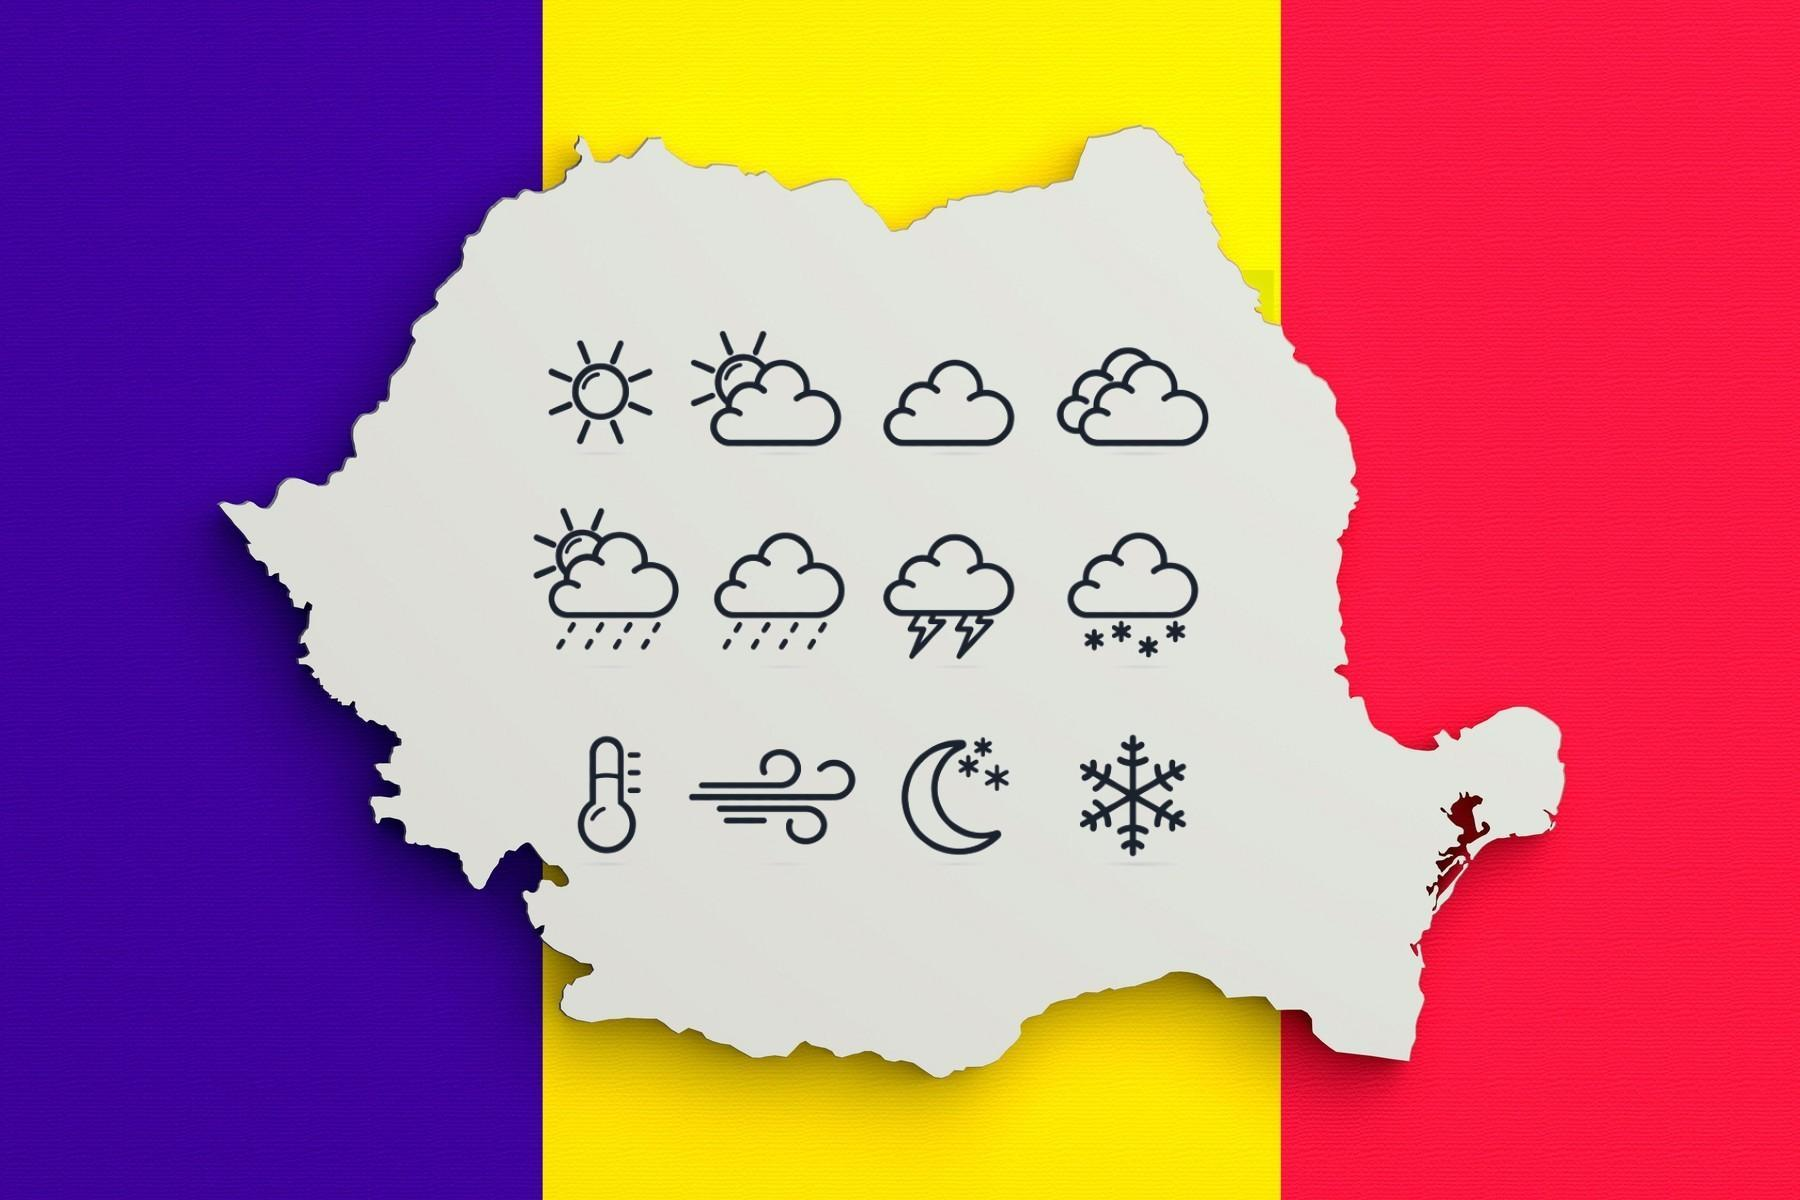 Prognoza Meteo, 7 mai 2021. Cum va fi vremea în România și care sunt previziunile ANM pentru astăzi